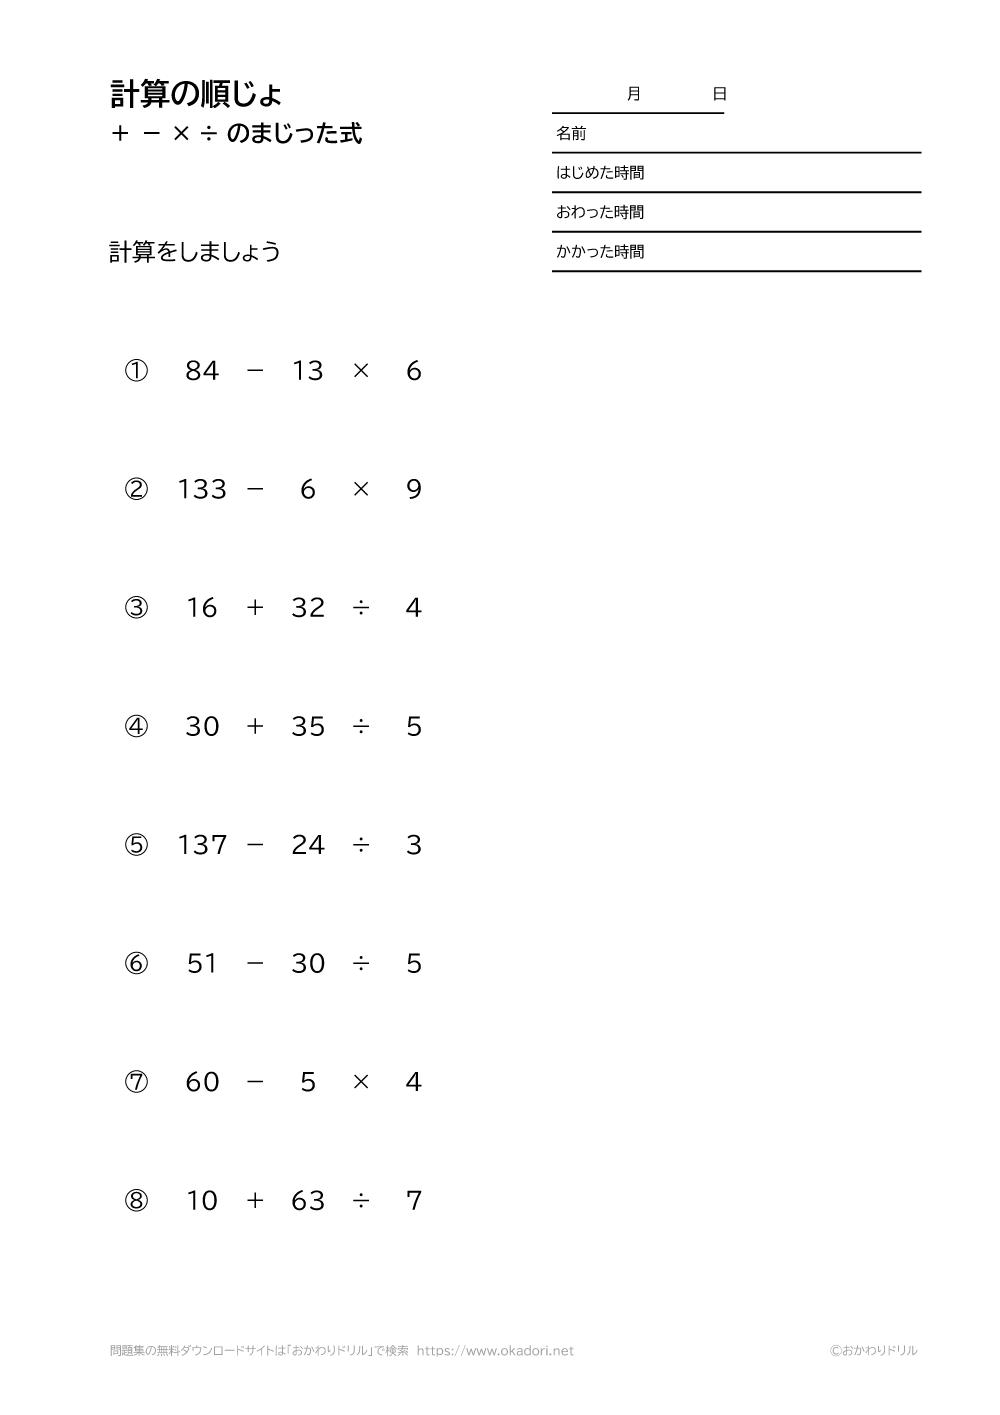 計算の順序+-×÷のまじった式-1-6